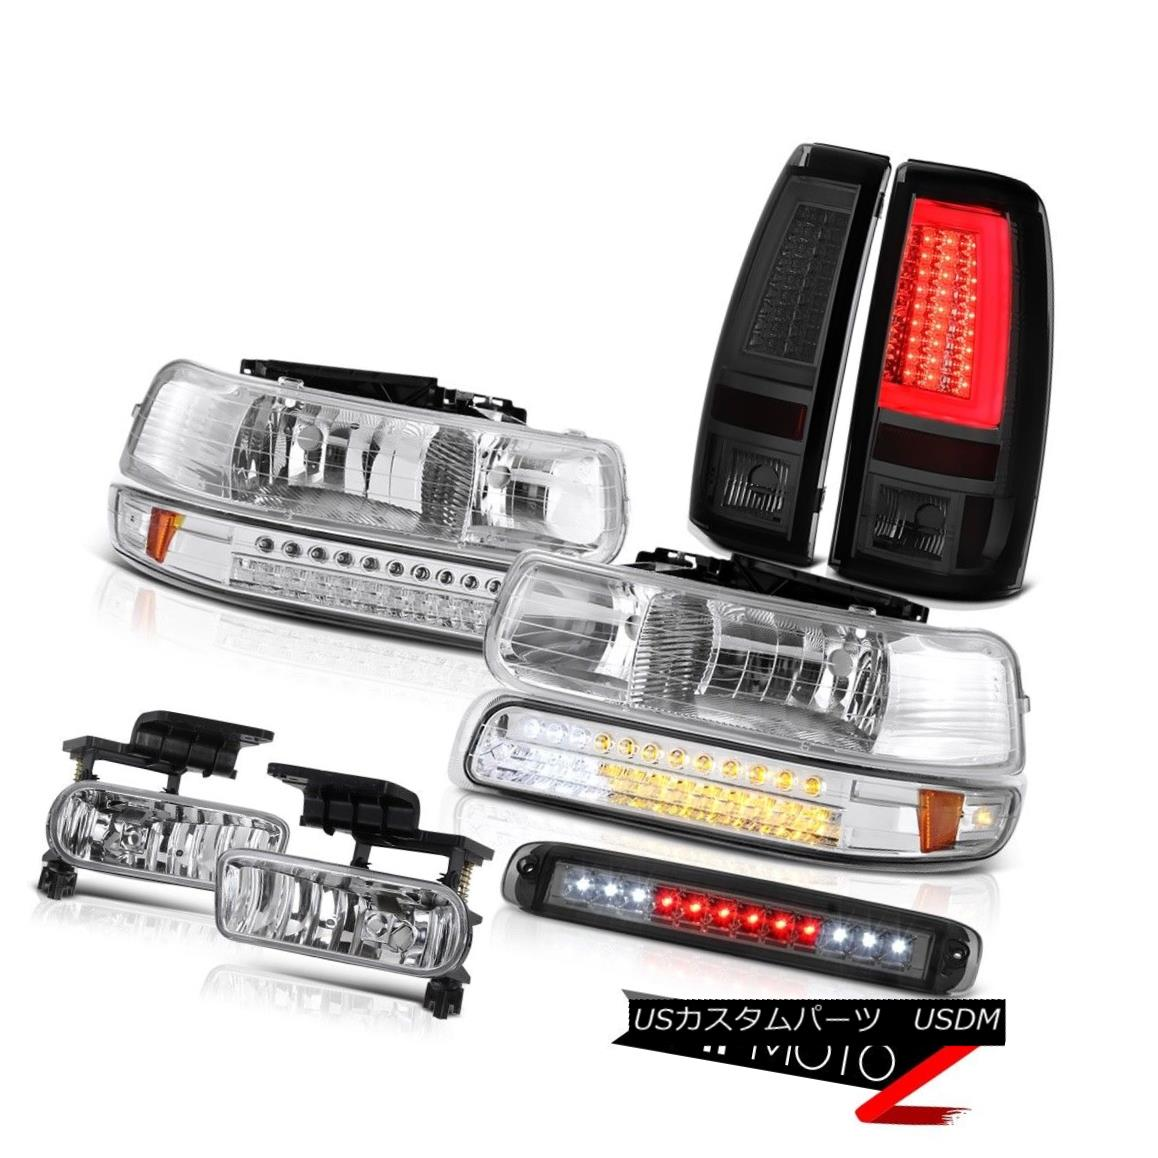 テールライト 99-02 Silverado LTZ Tail Lamps Roof Cab Light Euro Chrome Headlamps Fog Lights 99-02 Silverado LTZテールランプルーフキャブライトユーロクロームヘッドランプフォグライト